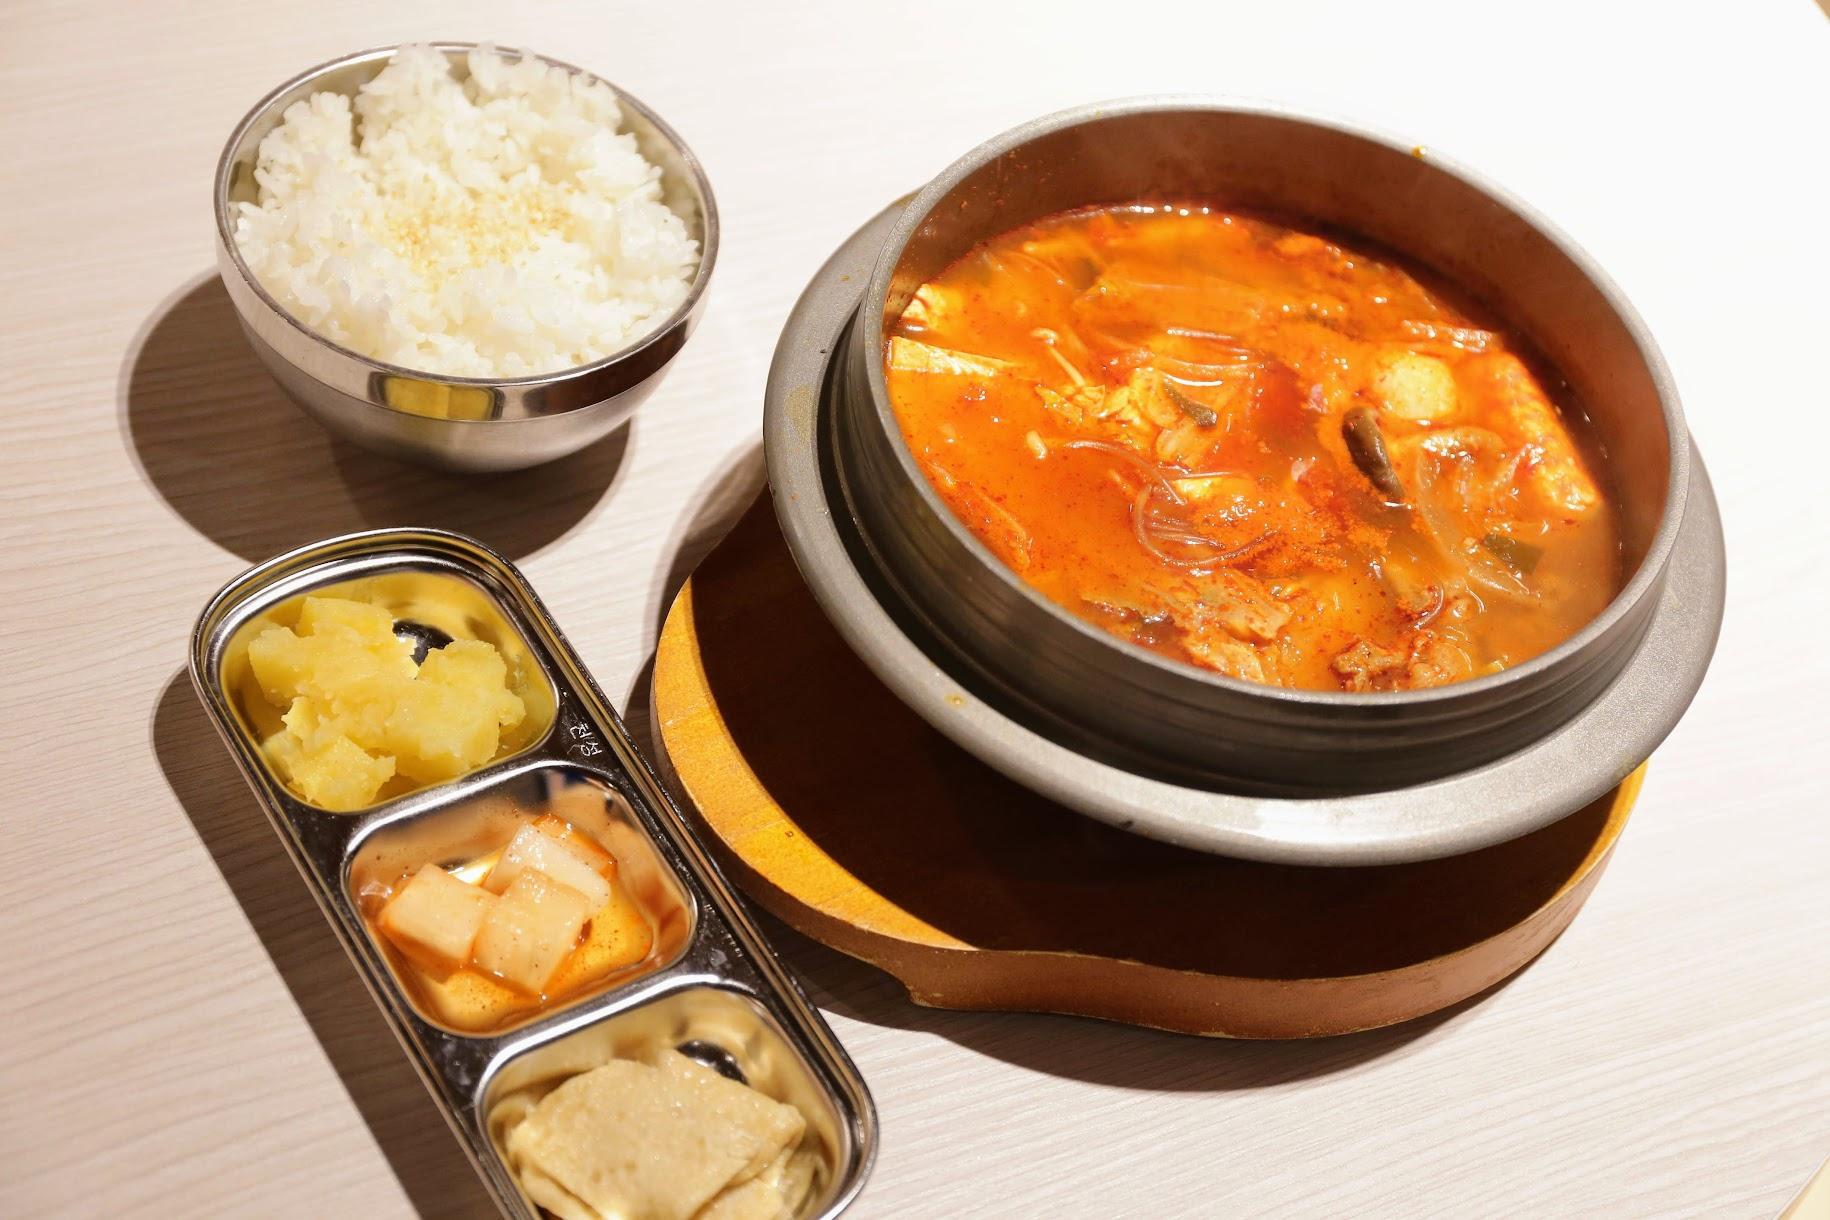 泡菜豬肉豆腐湯鍋,裡頭有一些火鍋料,湯頭酸中帶辣;小菜部分有三種,另外還有白飯或冬粉可選